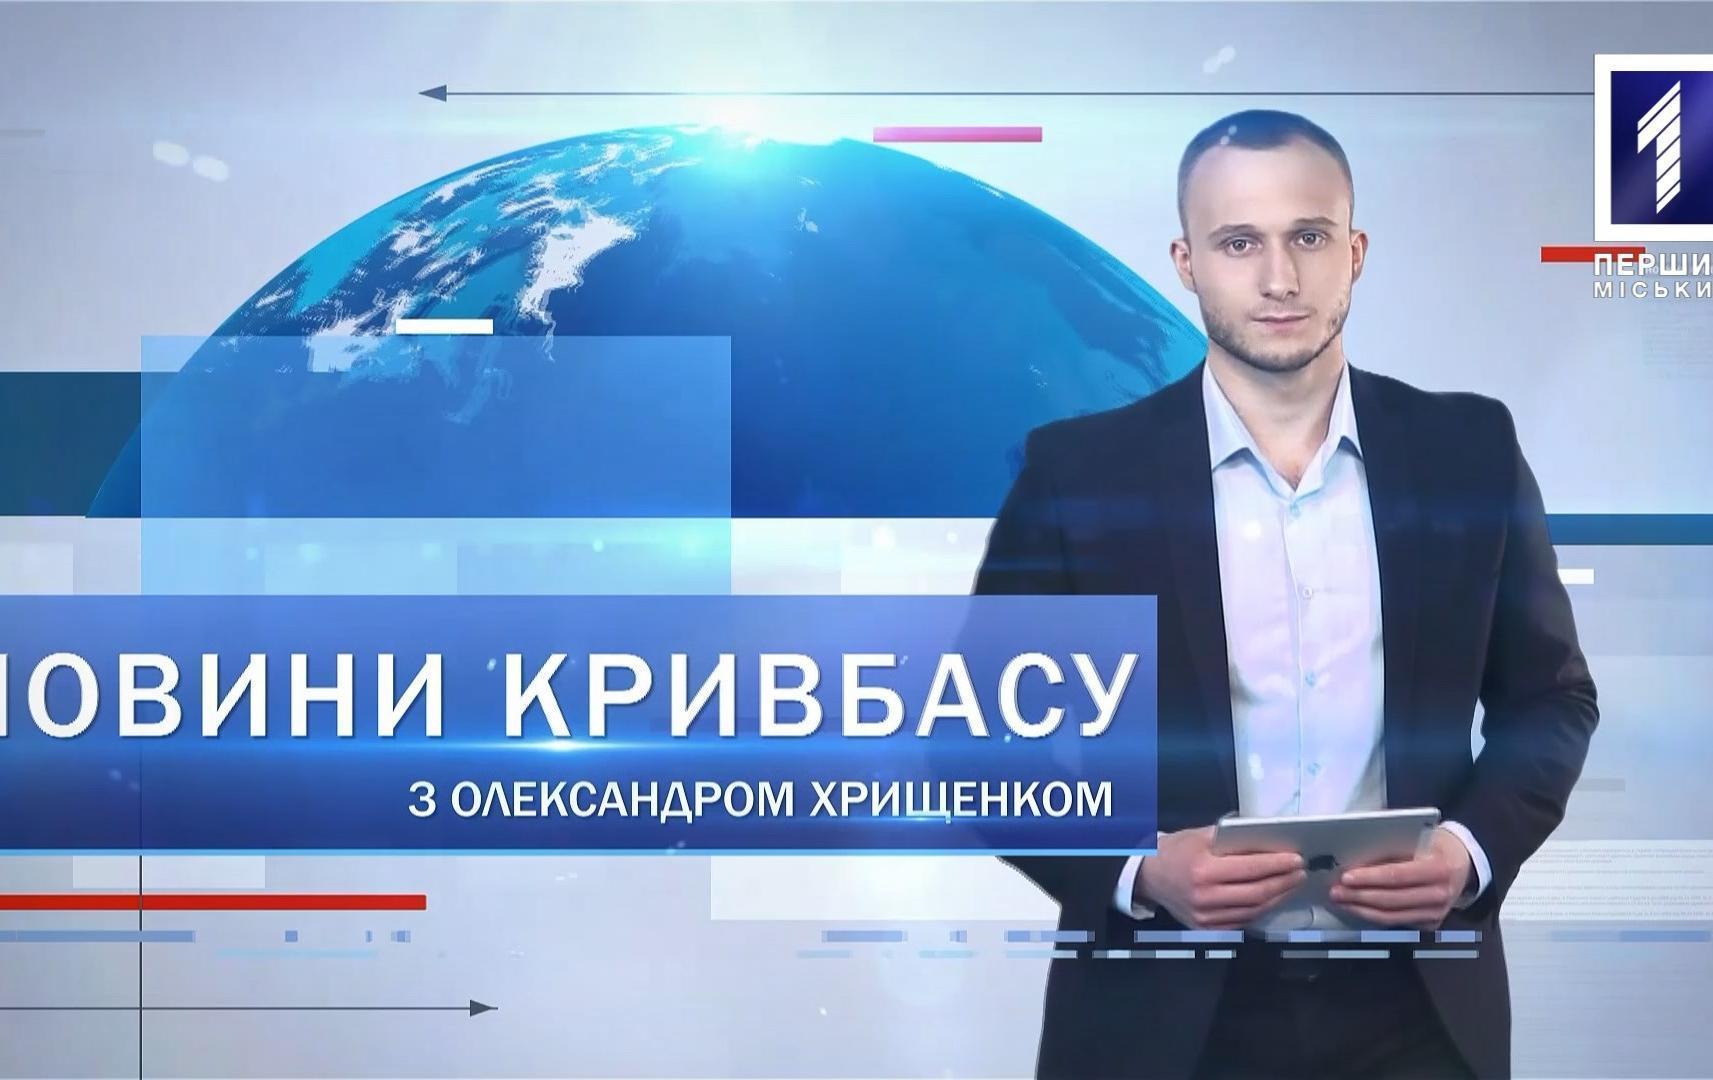 Новини Кривбасу 3 серпня (сурдопереклад): понівечили пам'ятники, рятувальники-чемпіони, «Екстремальні ігри»